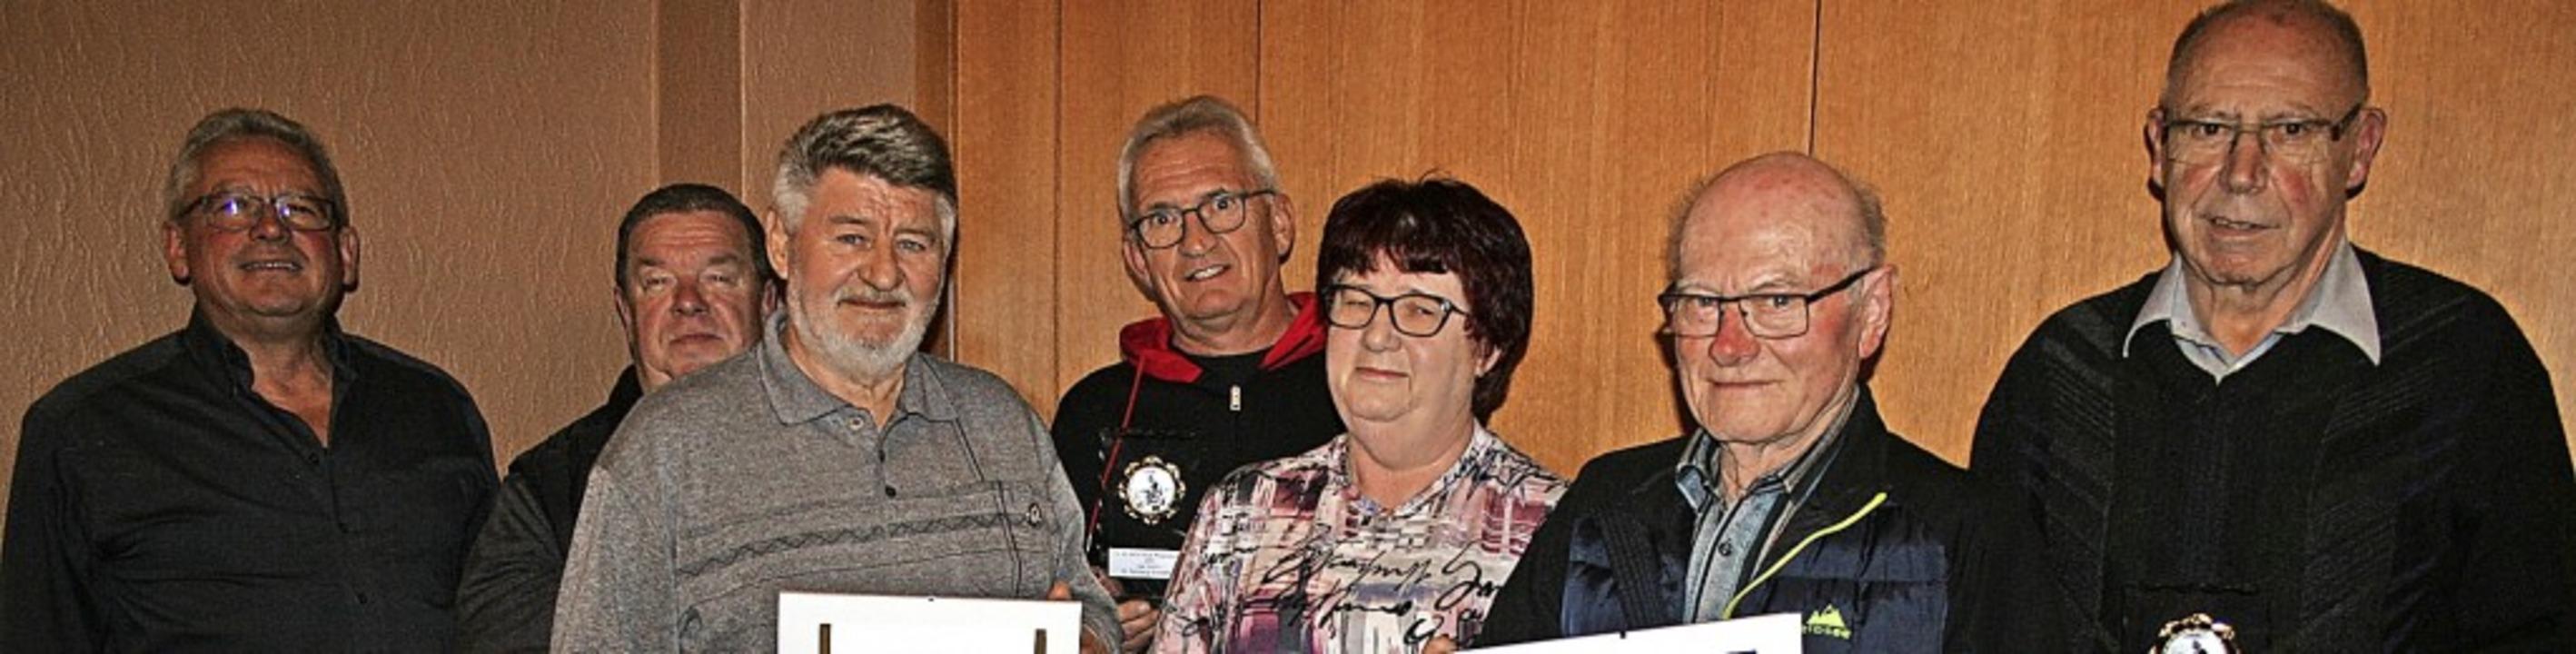 Ehrungen beim Angelverein: (von links)...ber und Leo Obergföll (alle 40 Jahre).    Foto: MIchael Masson